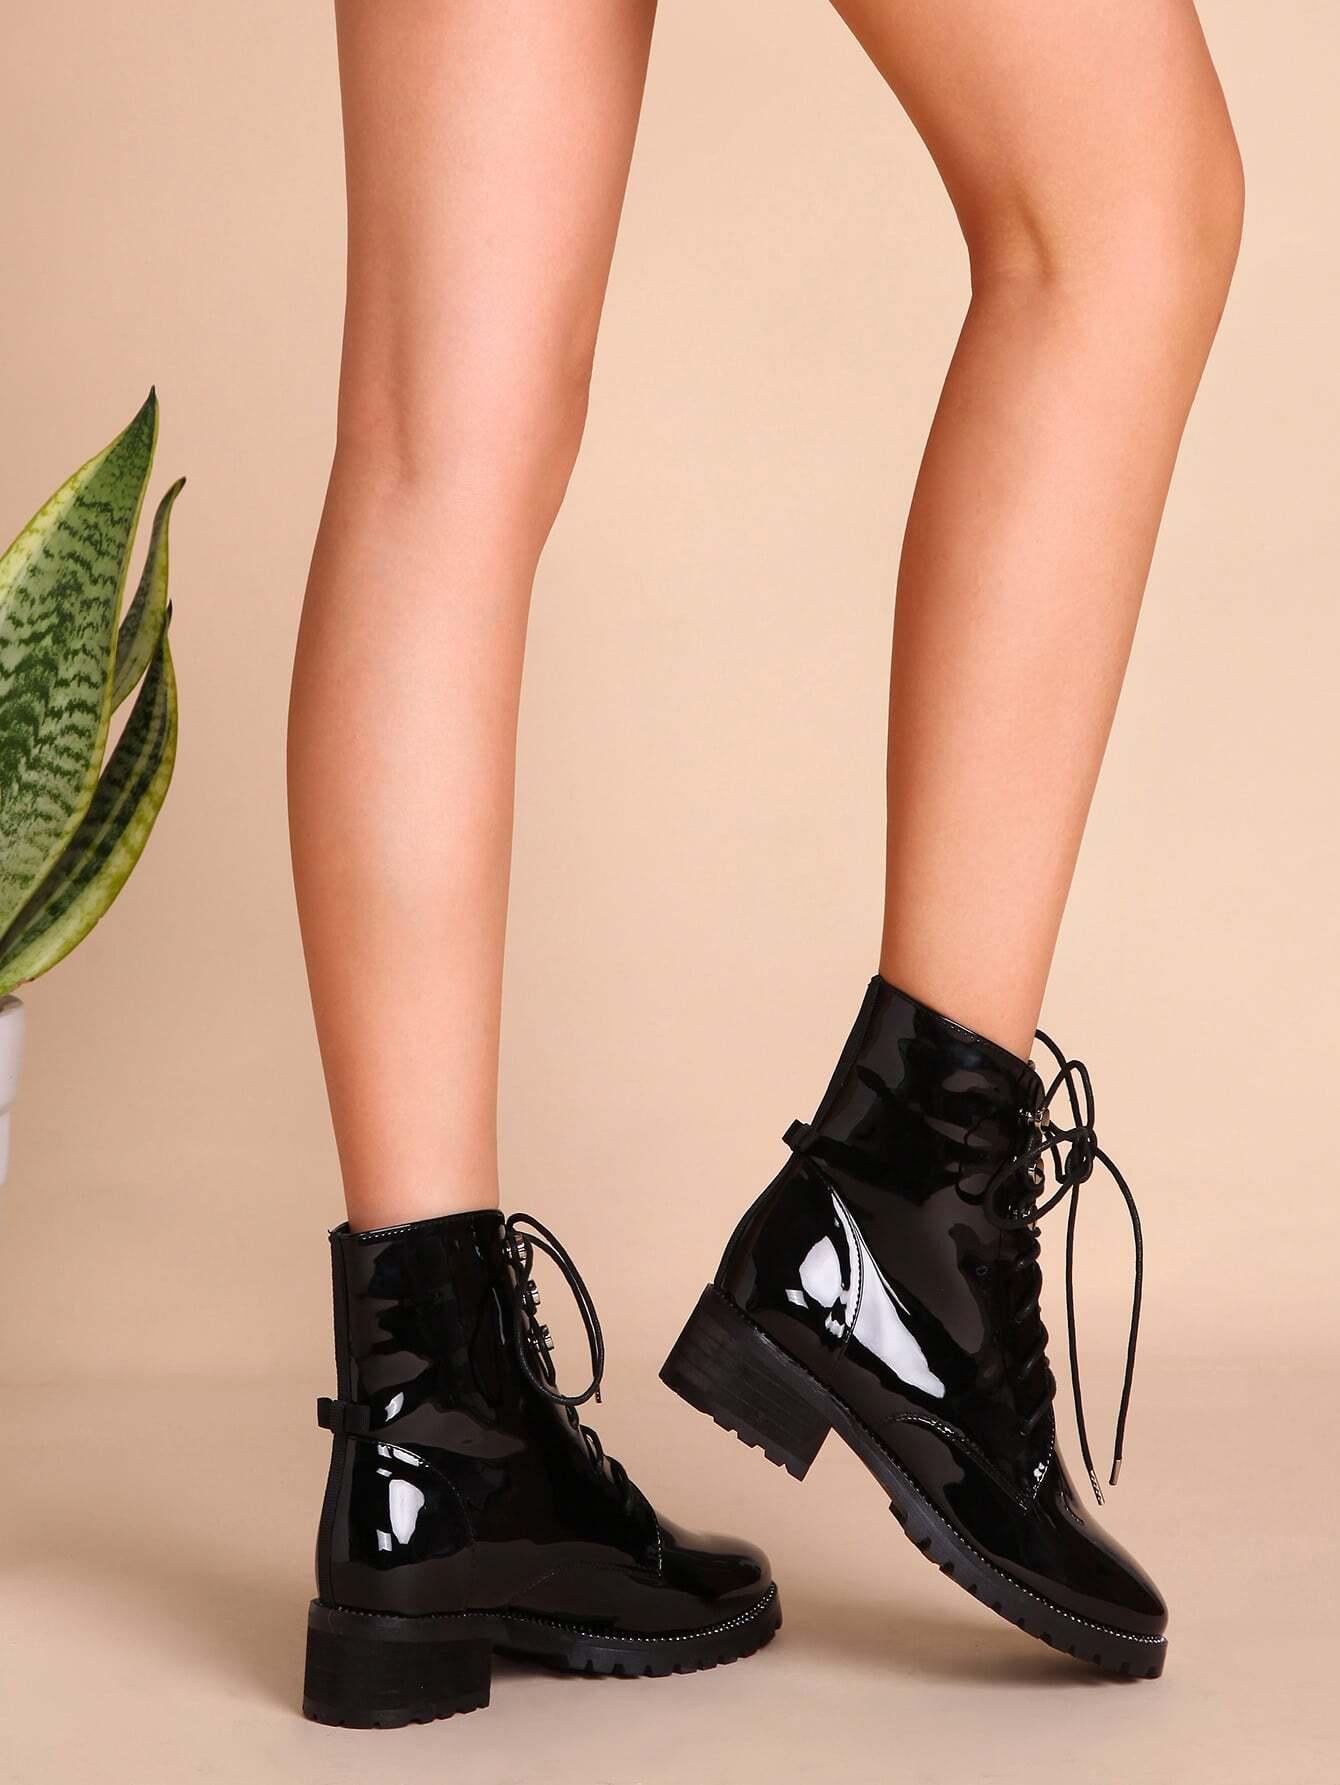 shoes161024805_2